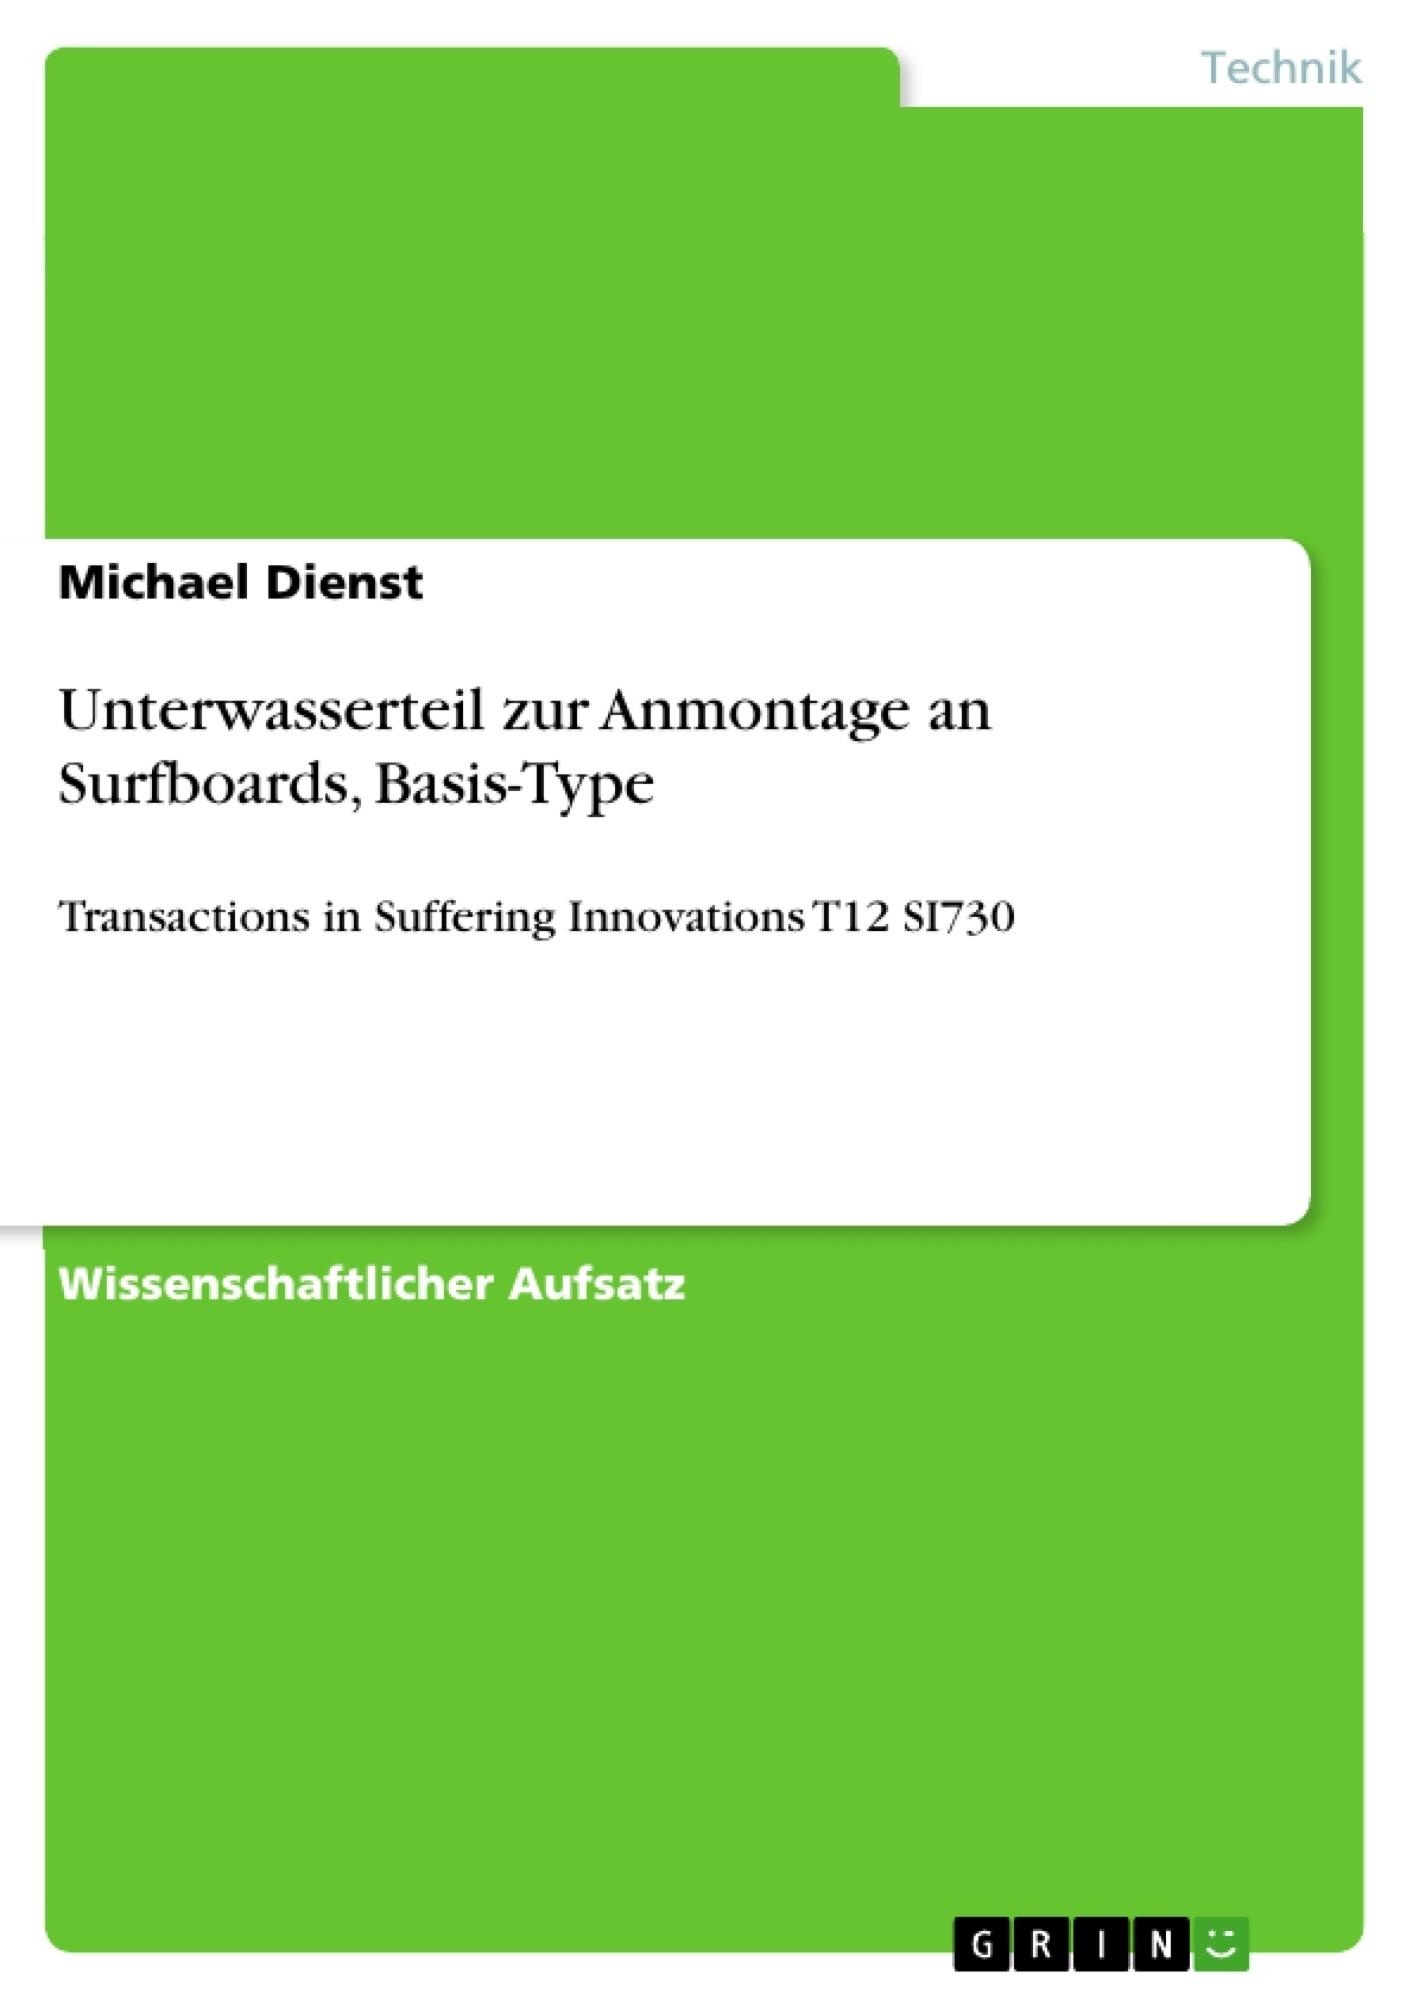 Titel: Unterwasserteil zur Anmontage an Surfboards, Basis-Type